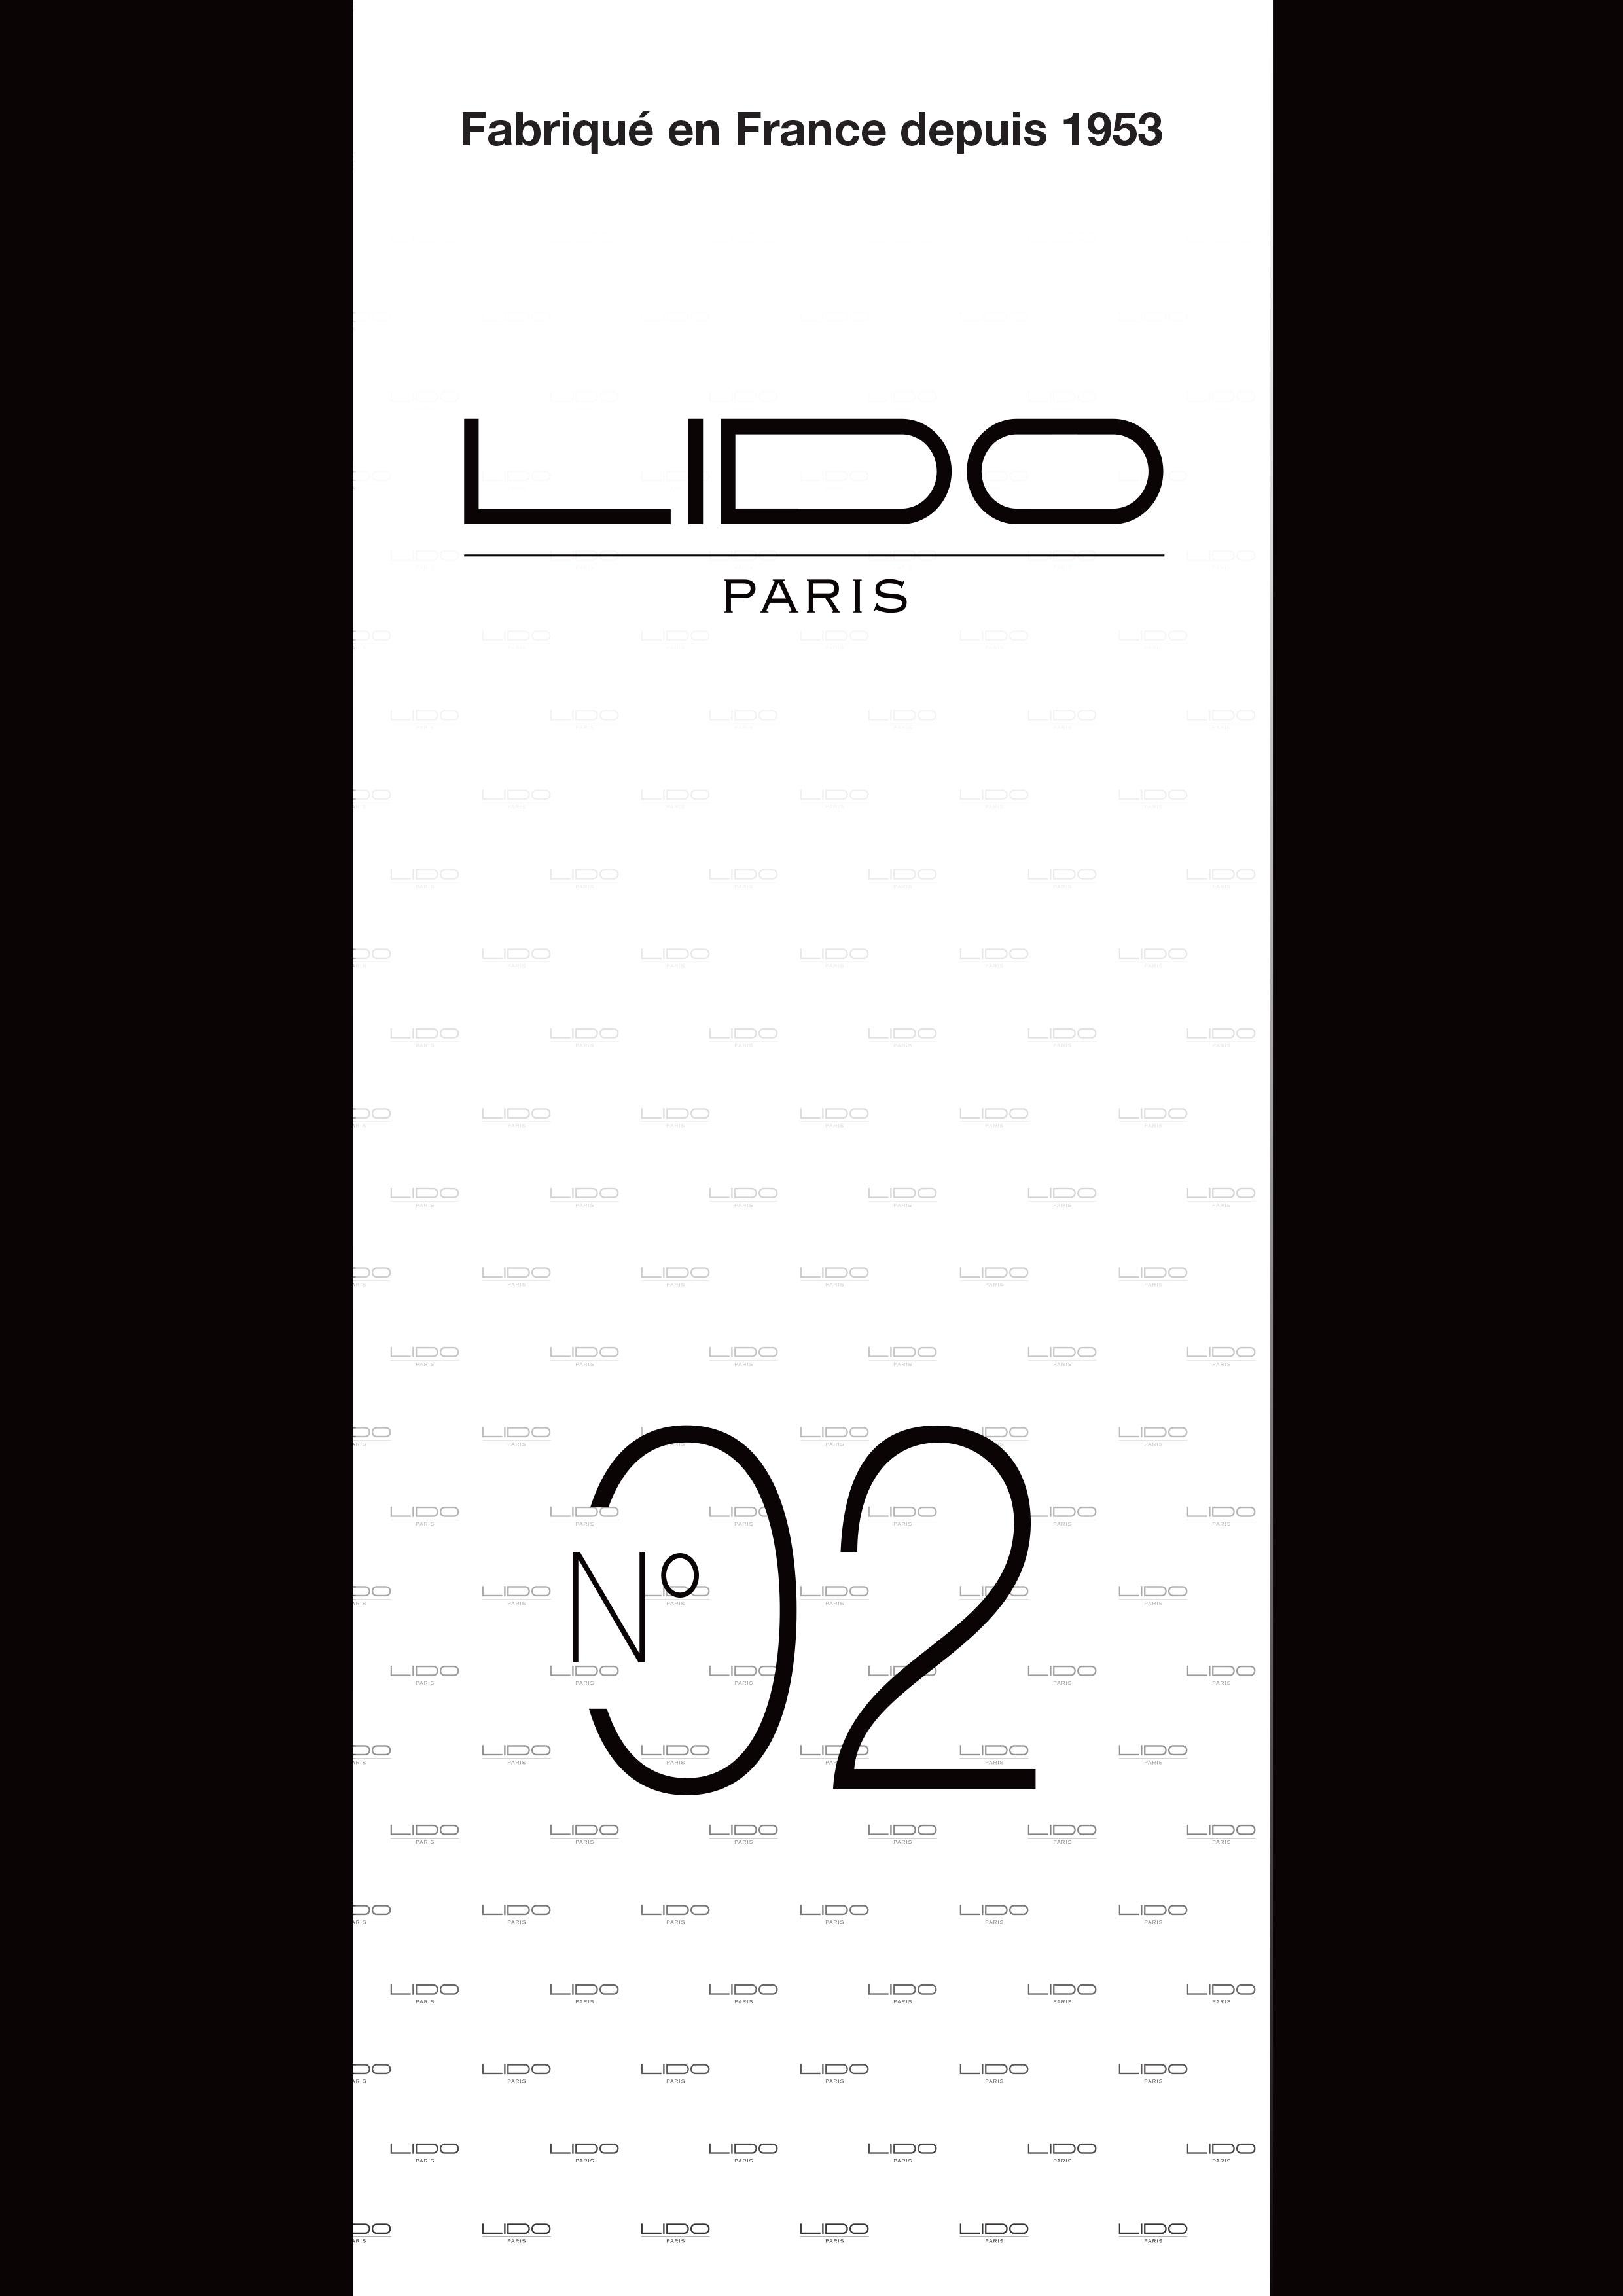 Lido Paris bathroom furniture